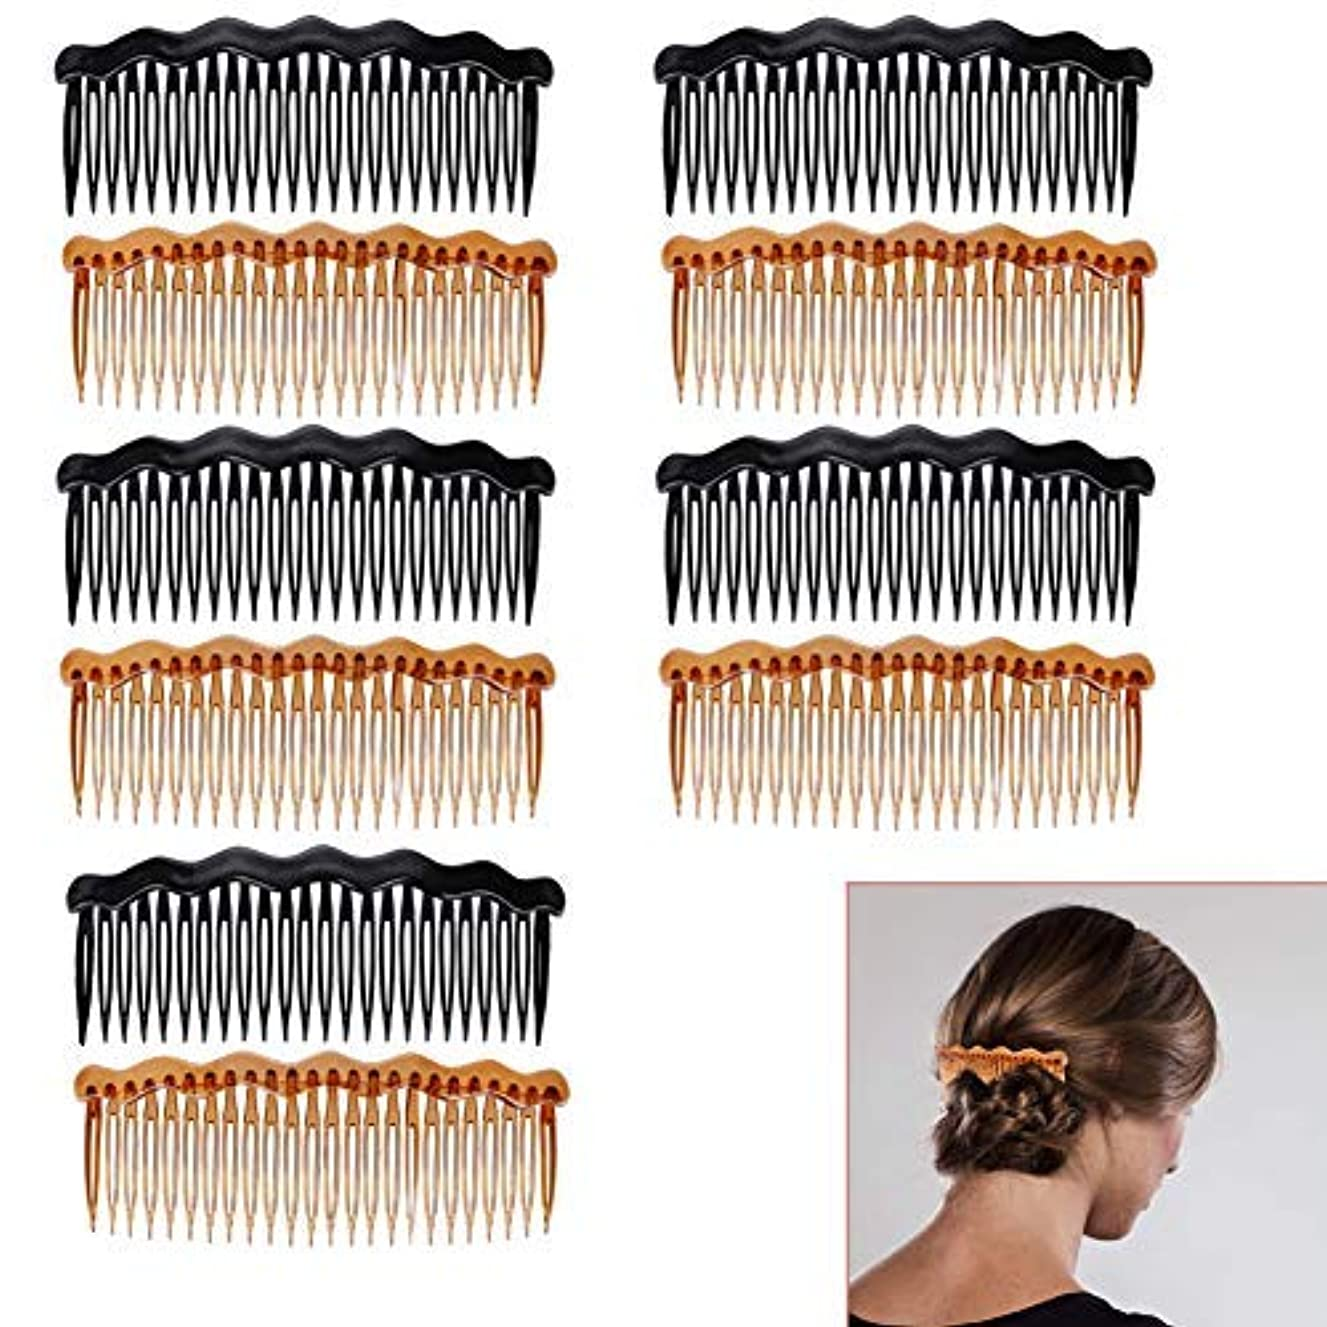 スキップフォーカスパンチLuckycivia 10Pcs Plastic French Twist Comb, Side Hair Combs with 24 Teeth Hair Comb for Fine Hair,Hair Combs Accessories...